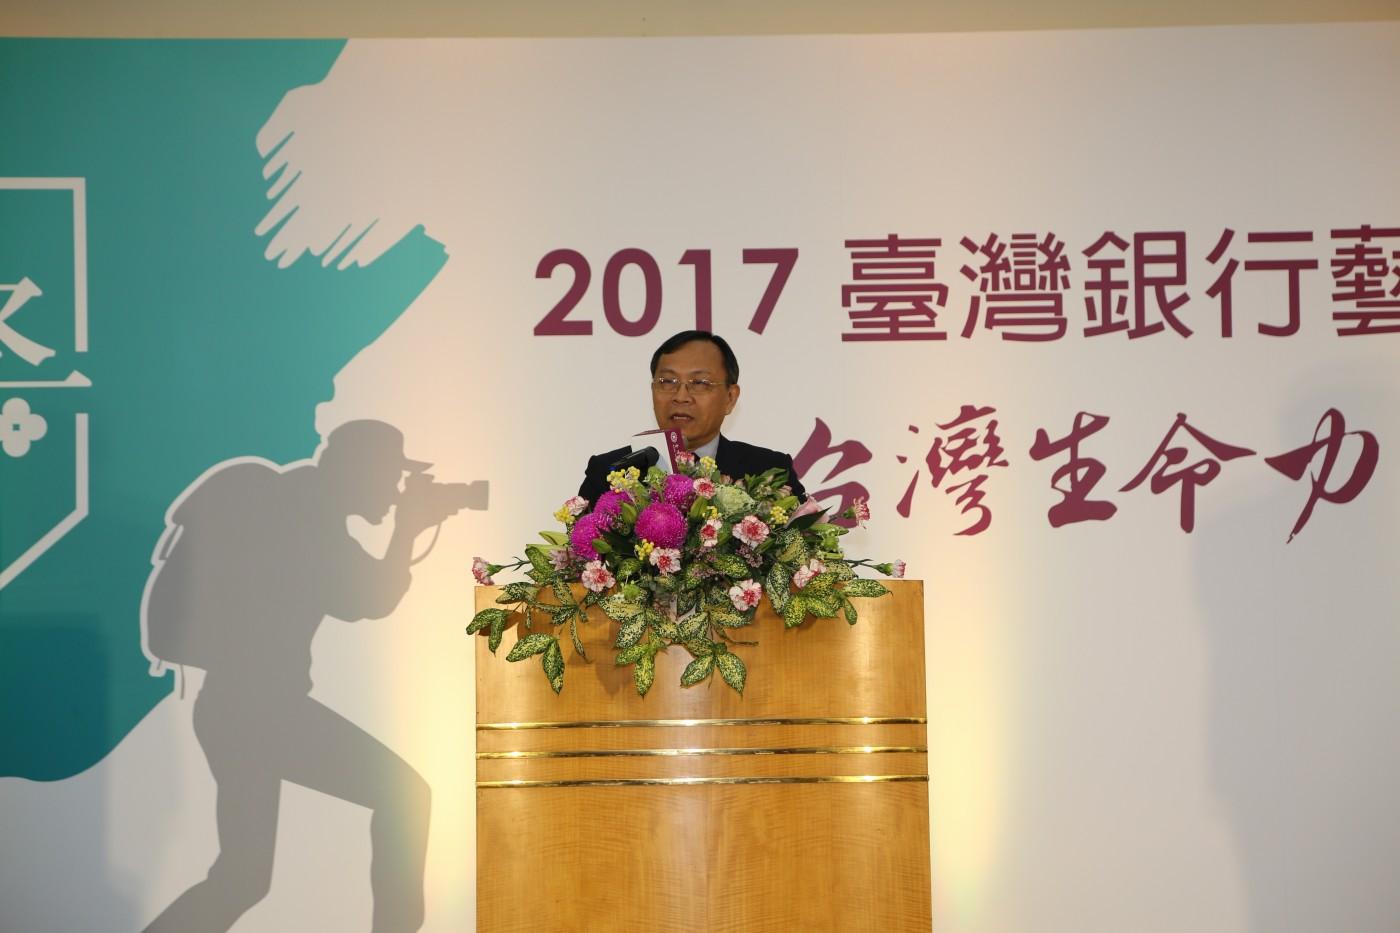 「2017臺灣銀行藝術祭-攝影季」頒獎典禮 「創‧藝台灣  攝‧想未來」